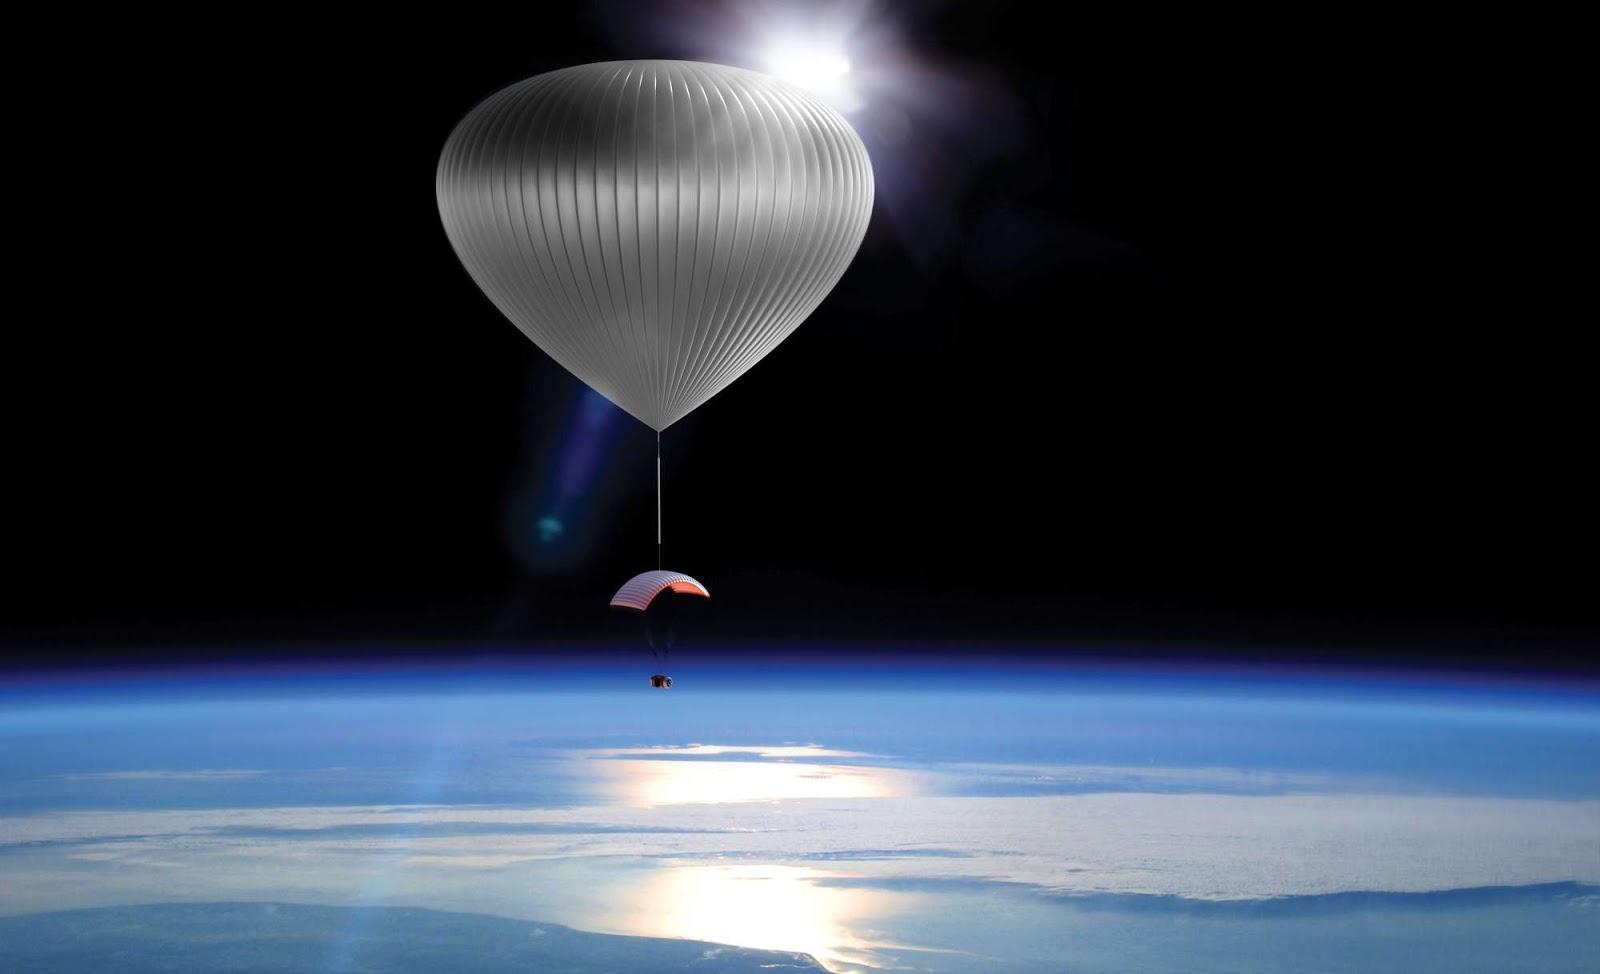 Как согласовать полёт зонда в стратосферу (с чем мы столкнёмся на практике при запуске) - 1